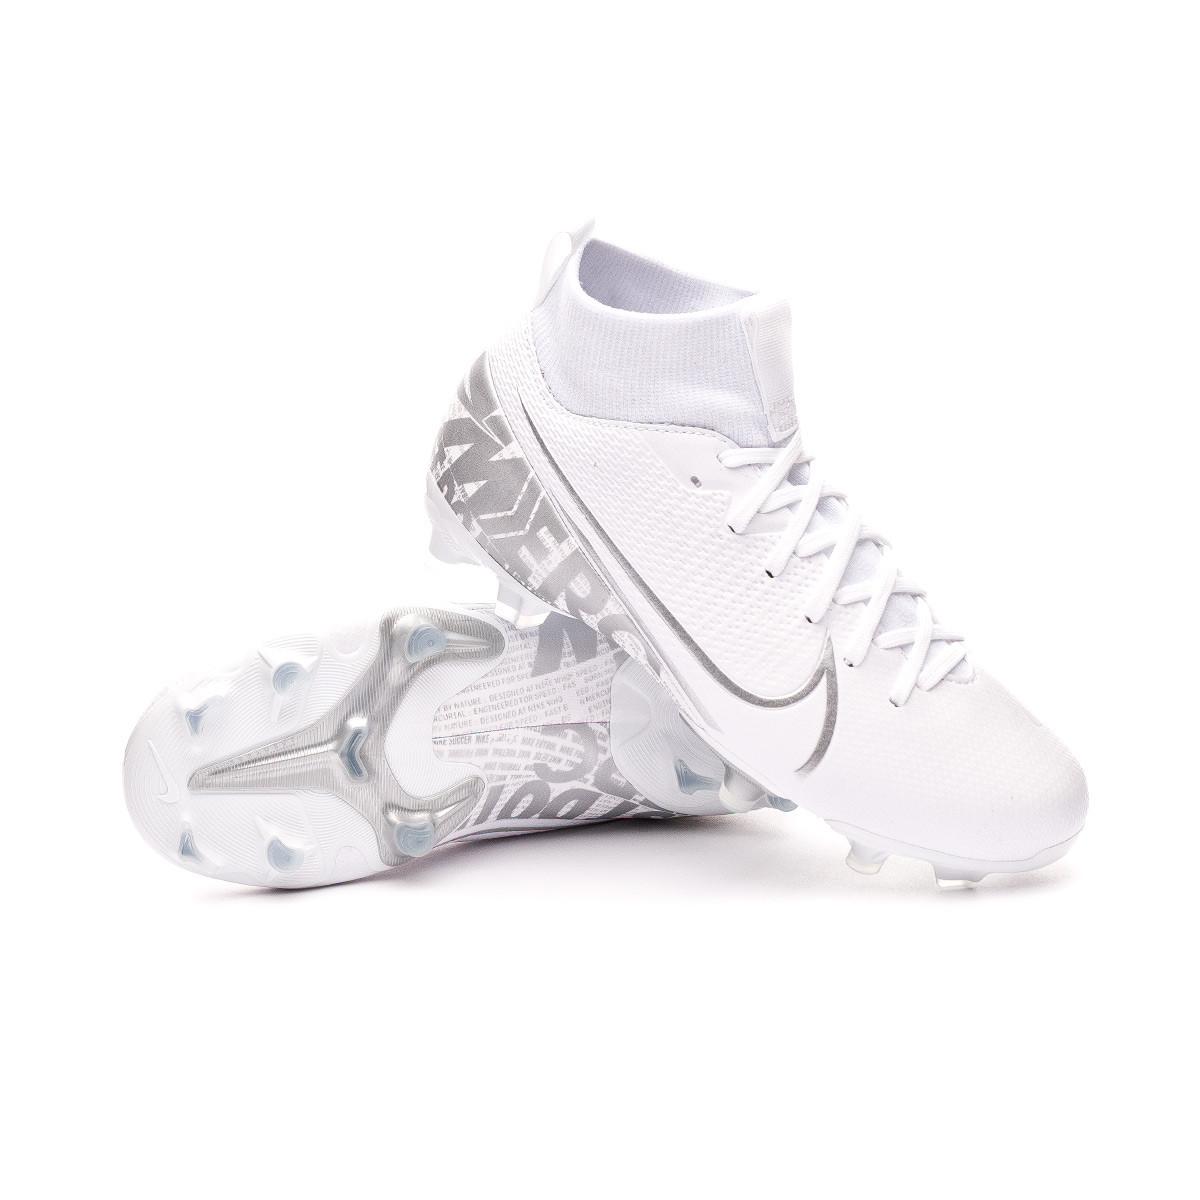 Mezclado los Distracción  Botines Nike Mercurial Superfly Blanco Y Negro Ninos